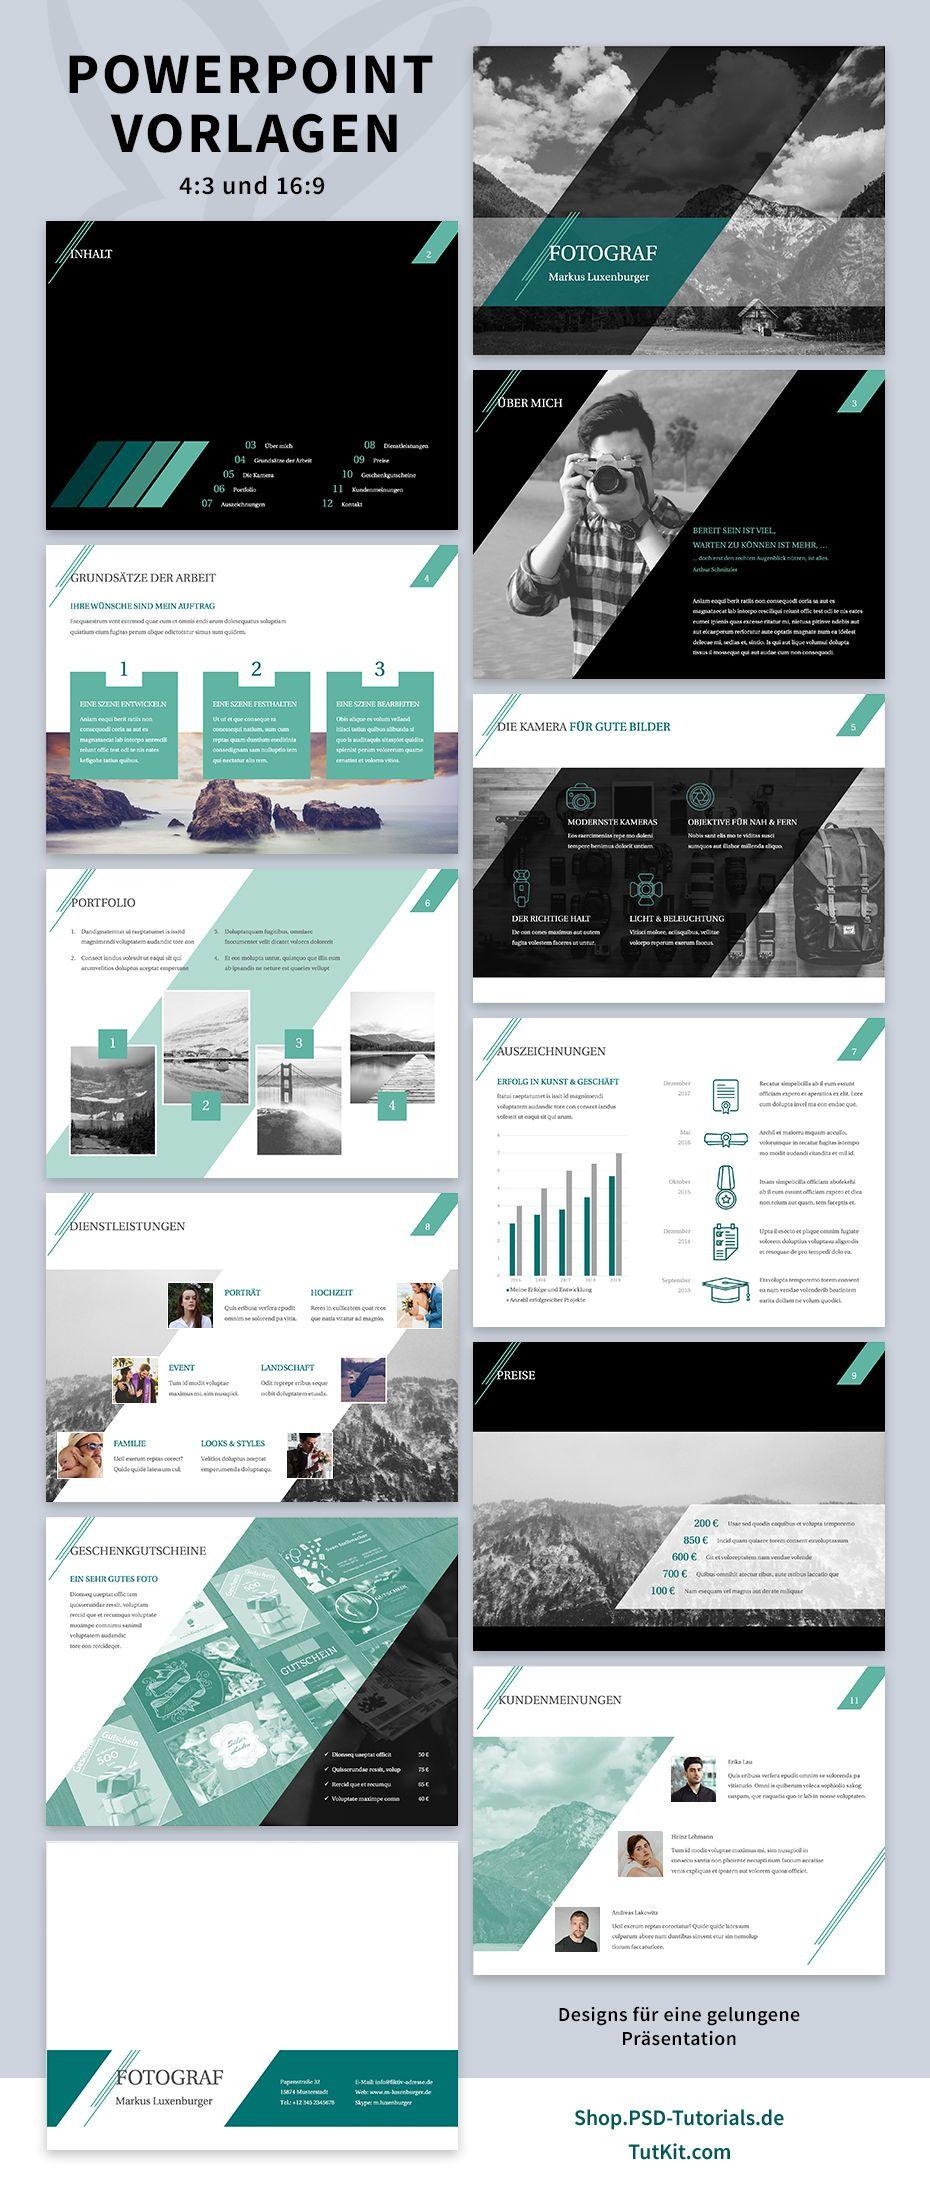 Prasentationsvorlagen Fur Powerpoint Layouts Fur Uberzeugende Folien Volume 2 Powerpoint Vorlagen Vorlagen Und Powerpoint Layout